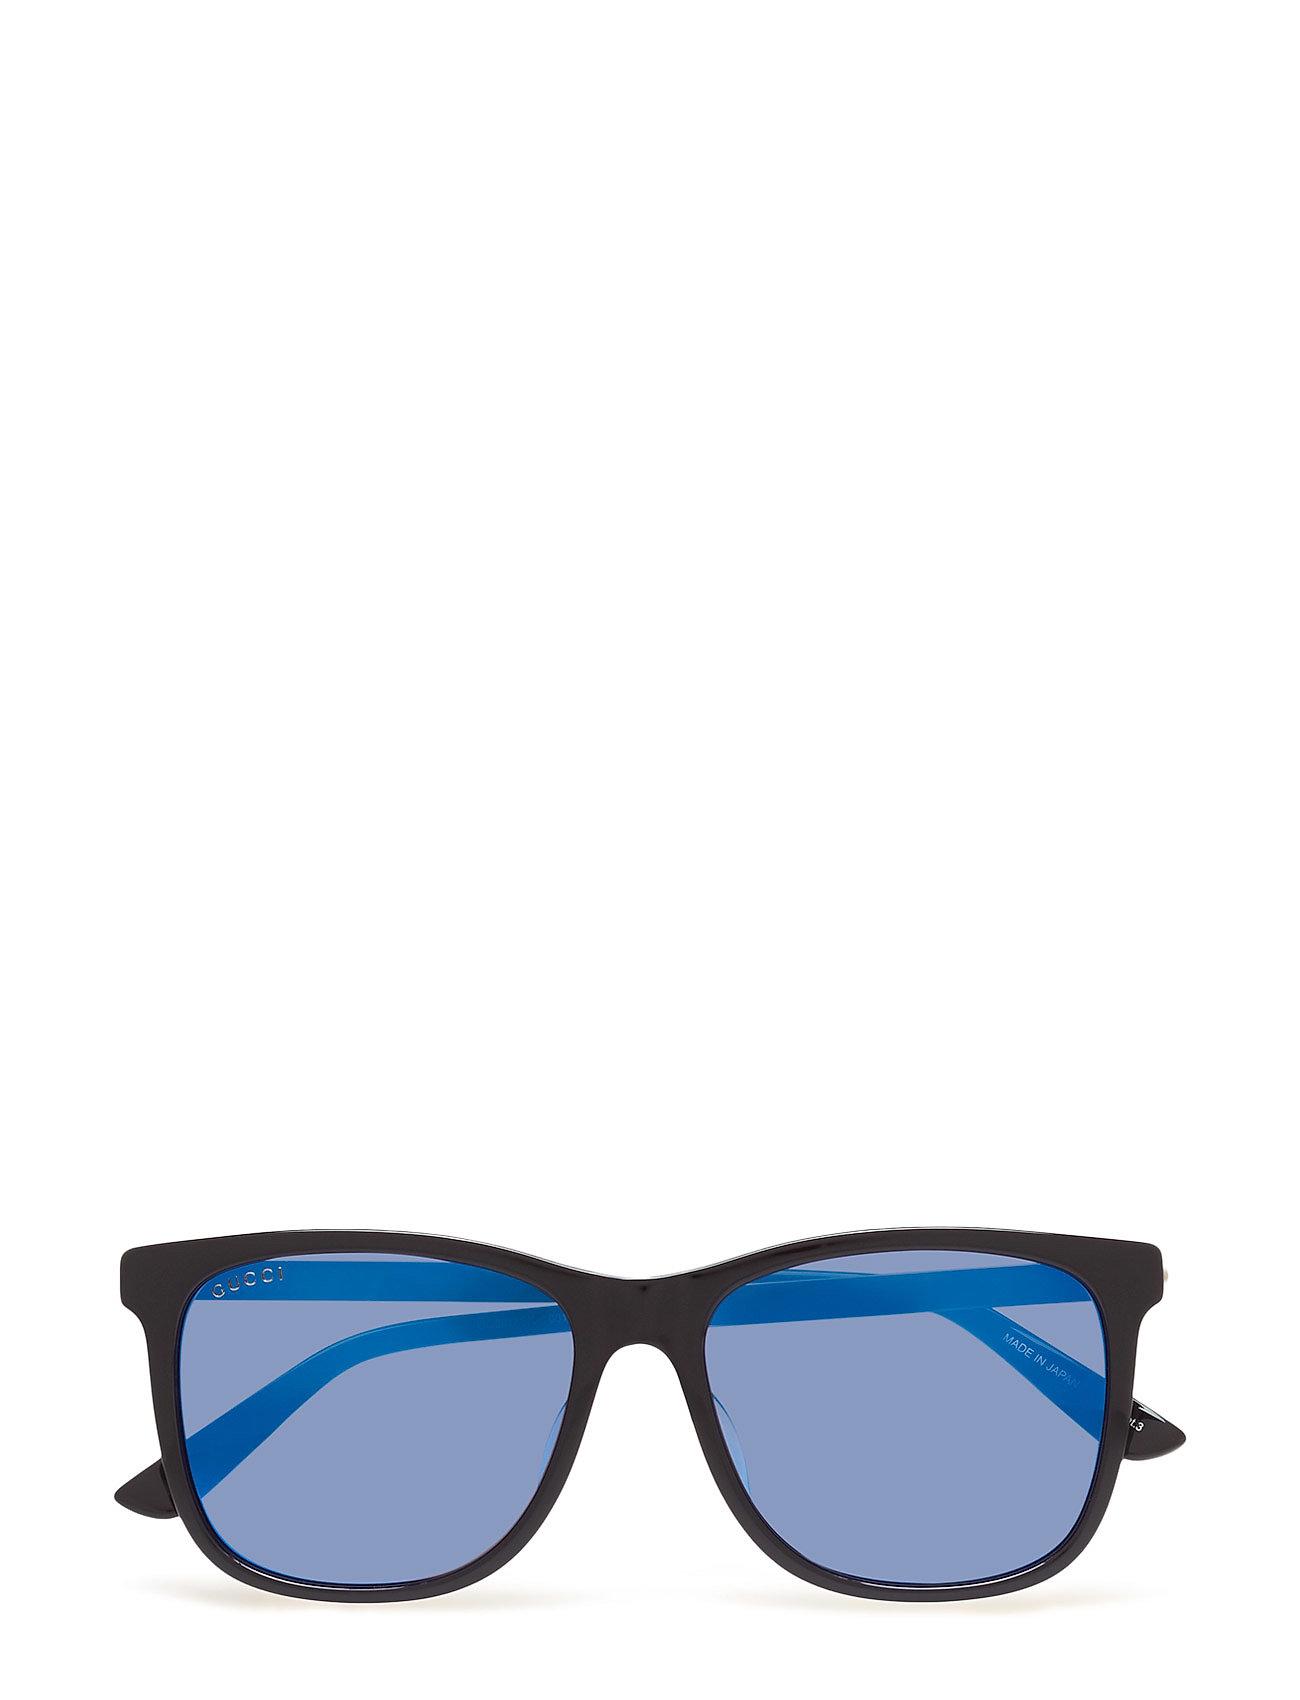 Gg0078sk Gucci Sunglasses Solbriller til Herrer i